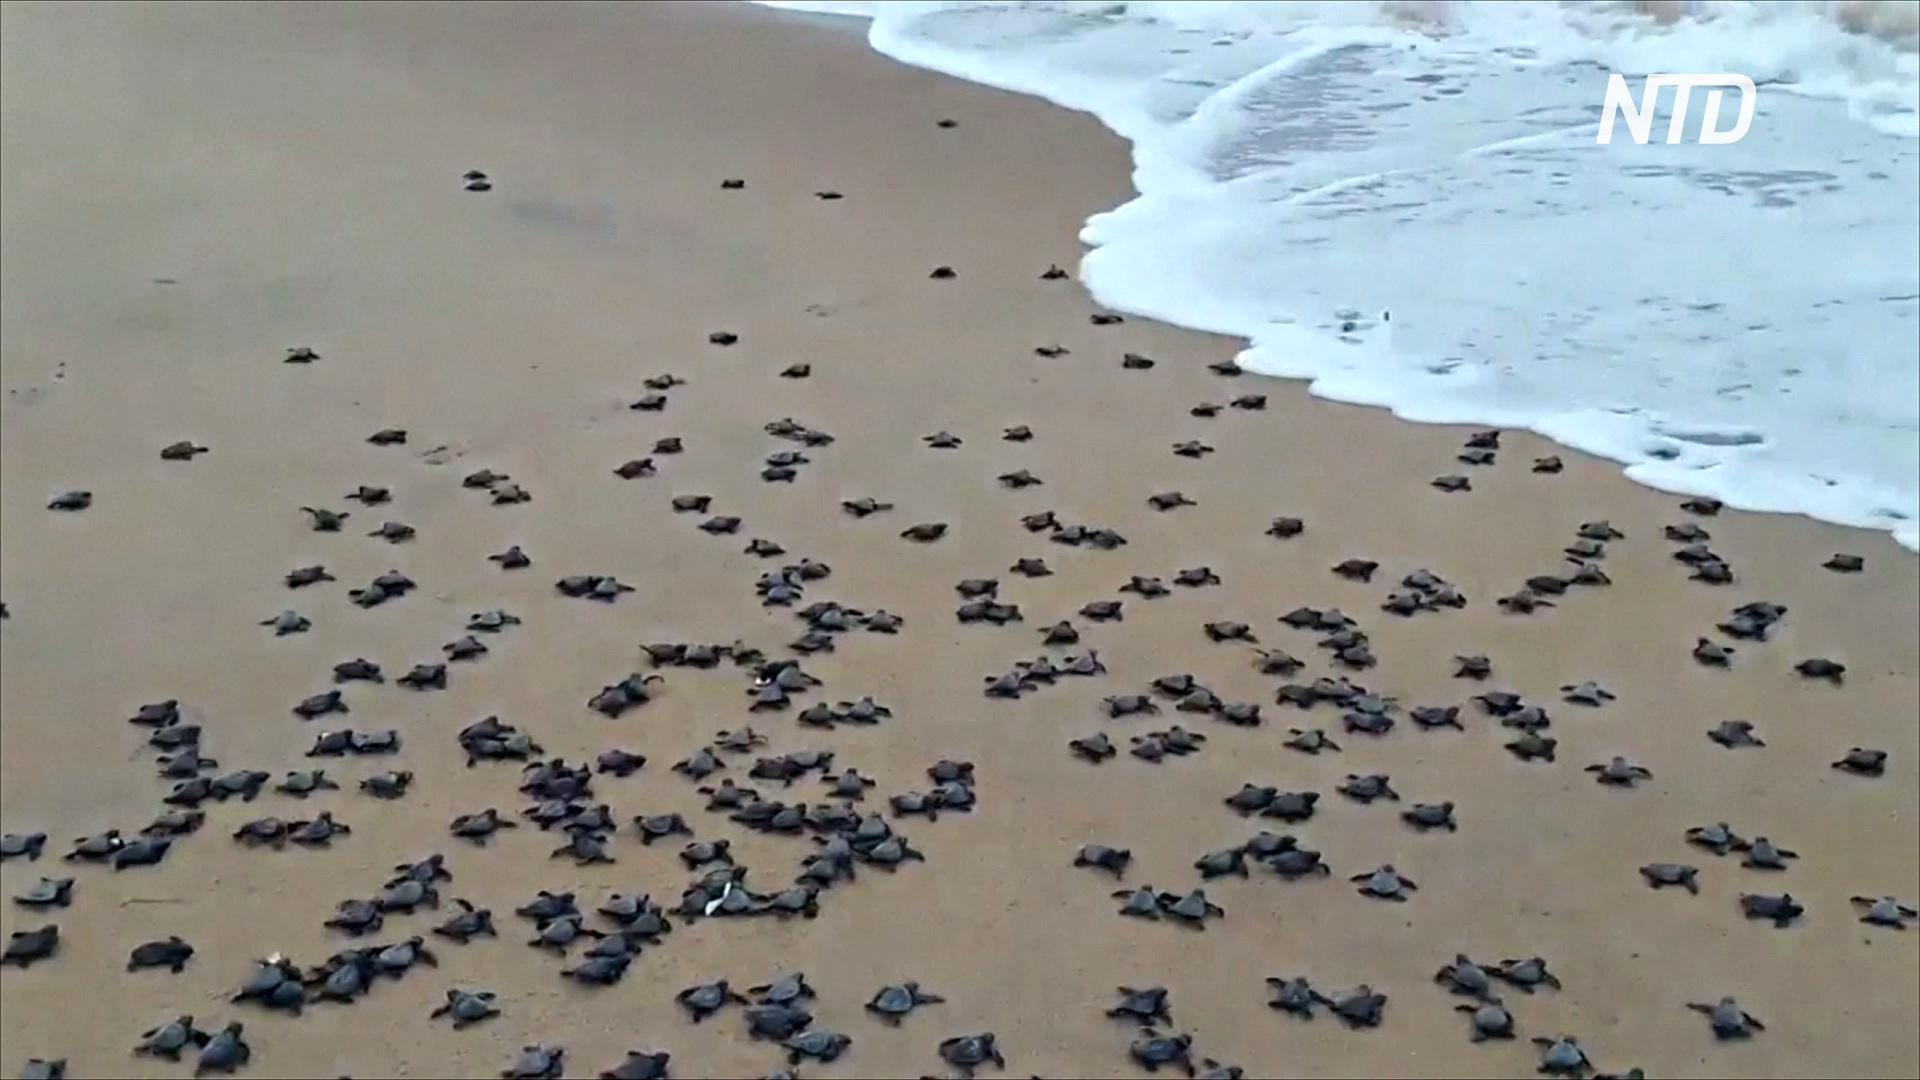 На безлюдных пляжах Индии вылупились миллионы оливковых черепах